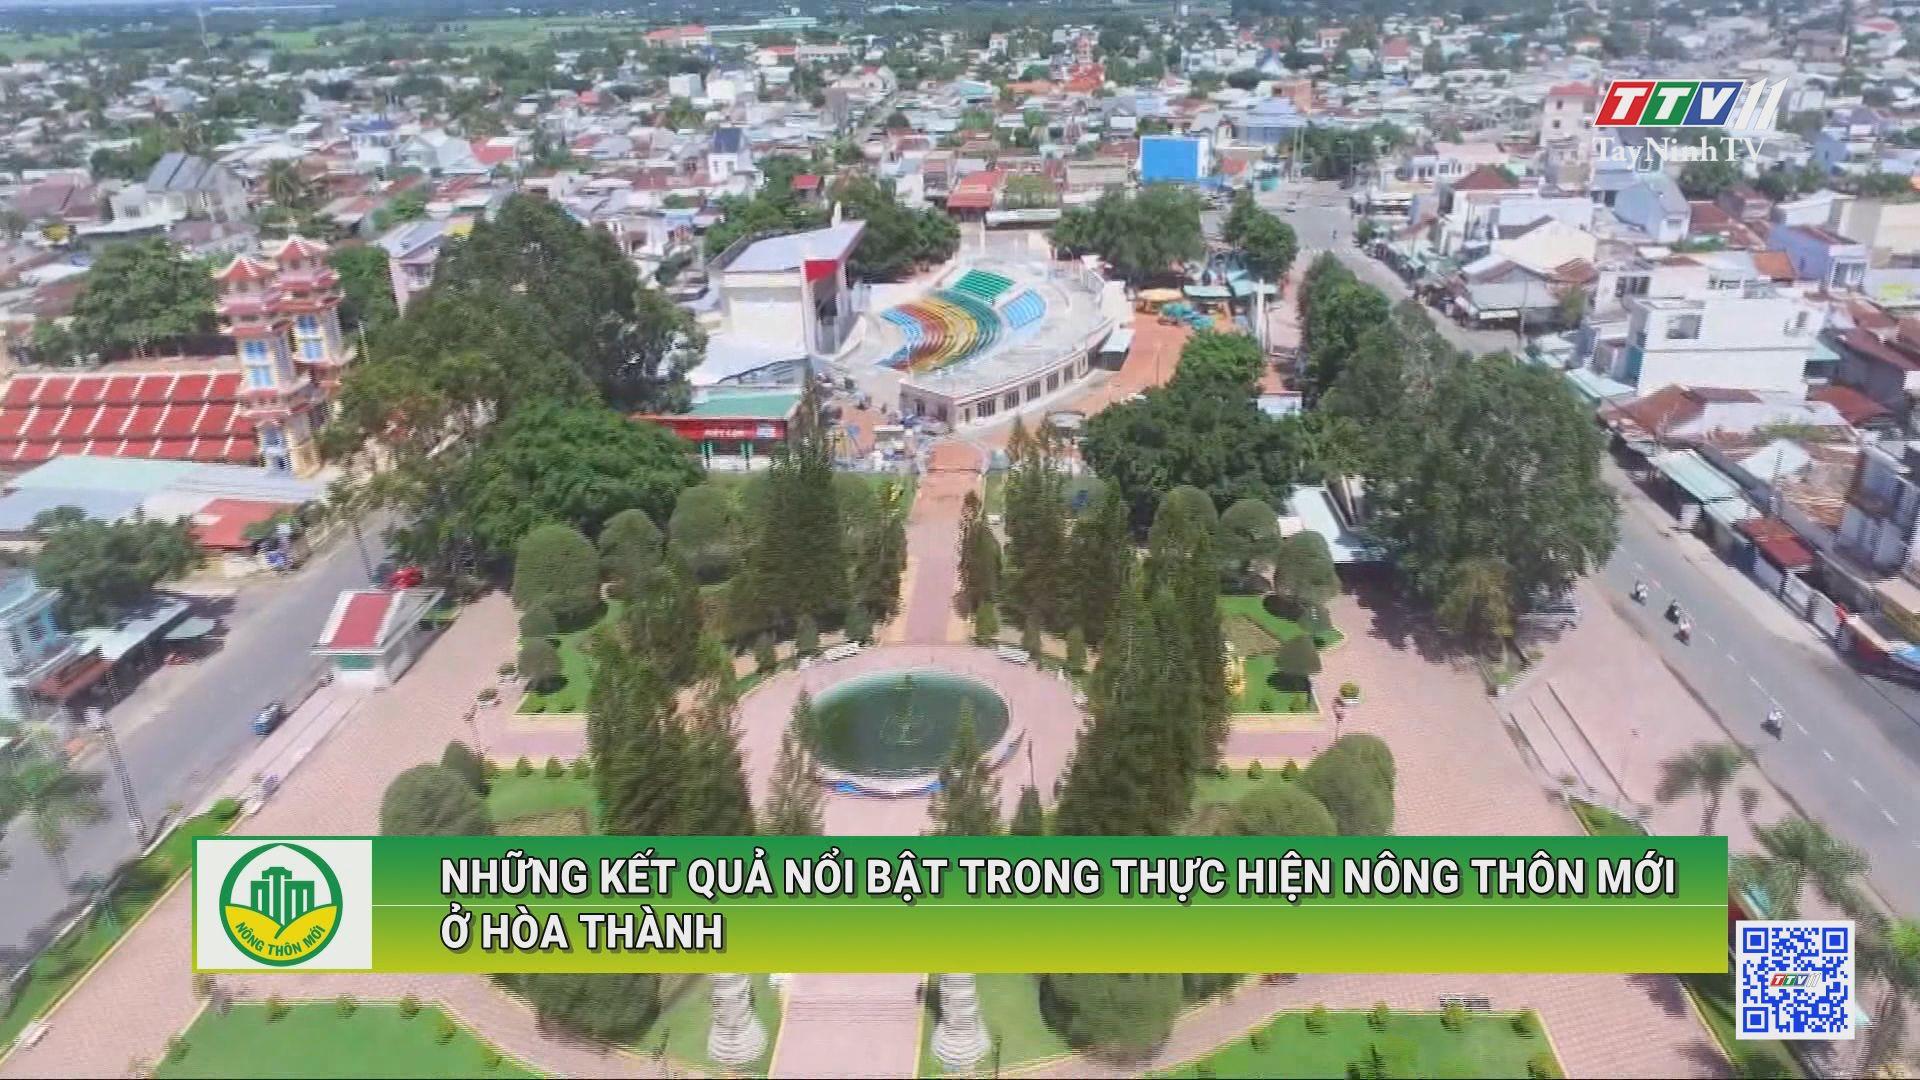 Những kết quả nổi bật trong thực hiện nông thôn mới ở Hòa Thành | NÔNG THÔN MỚI | TayNinhTV